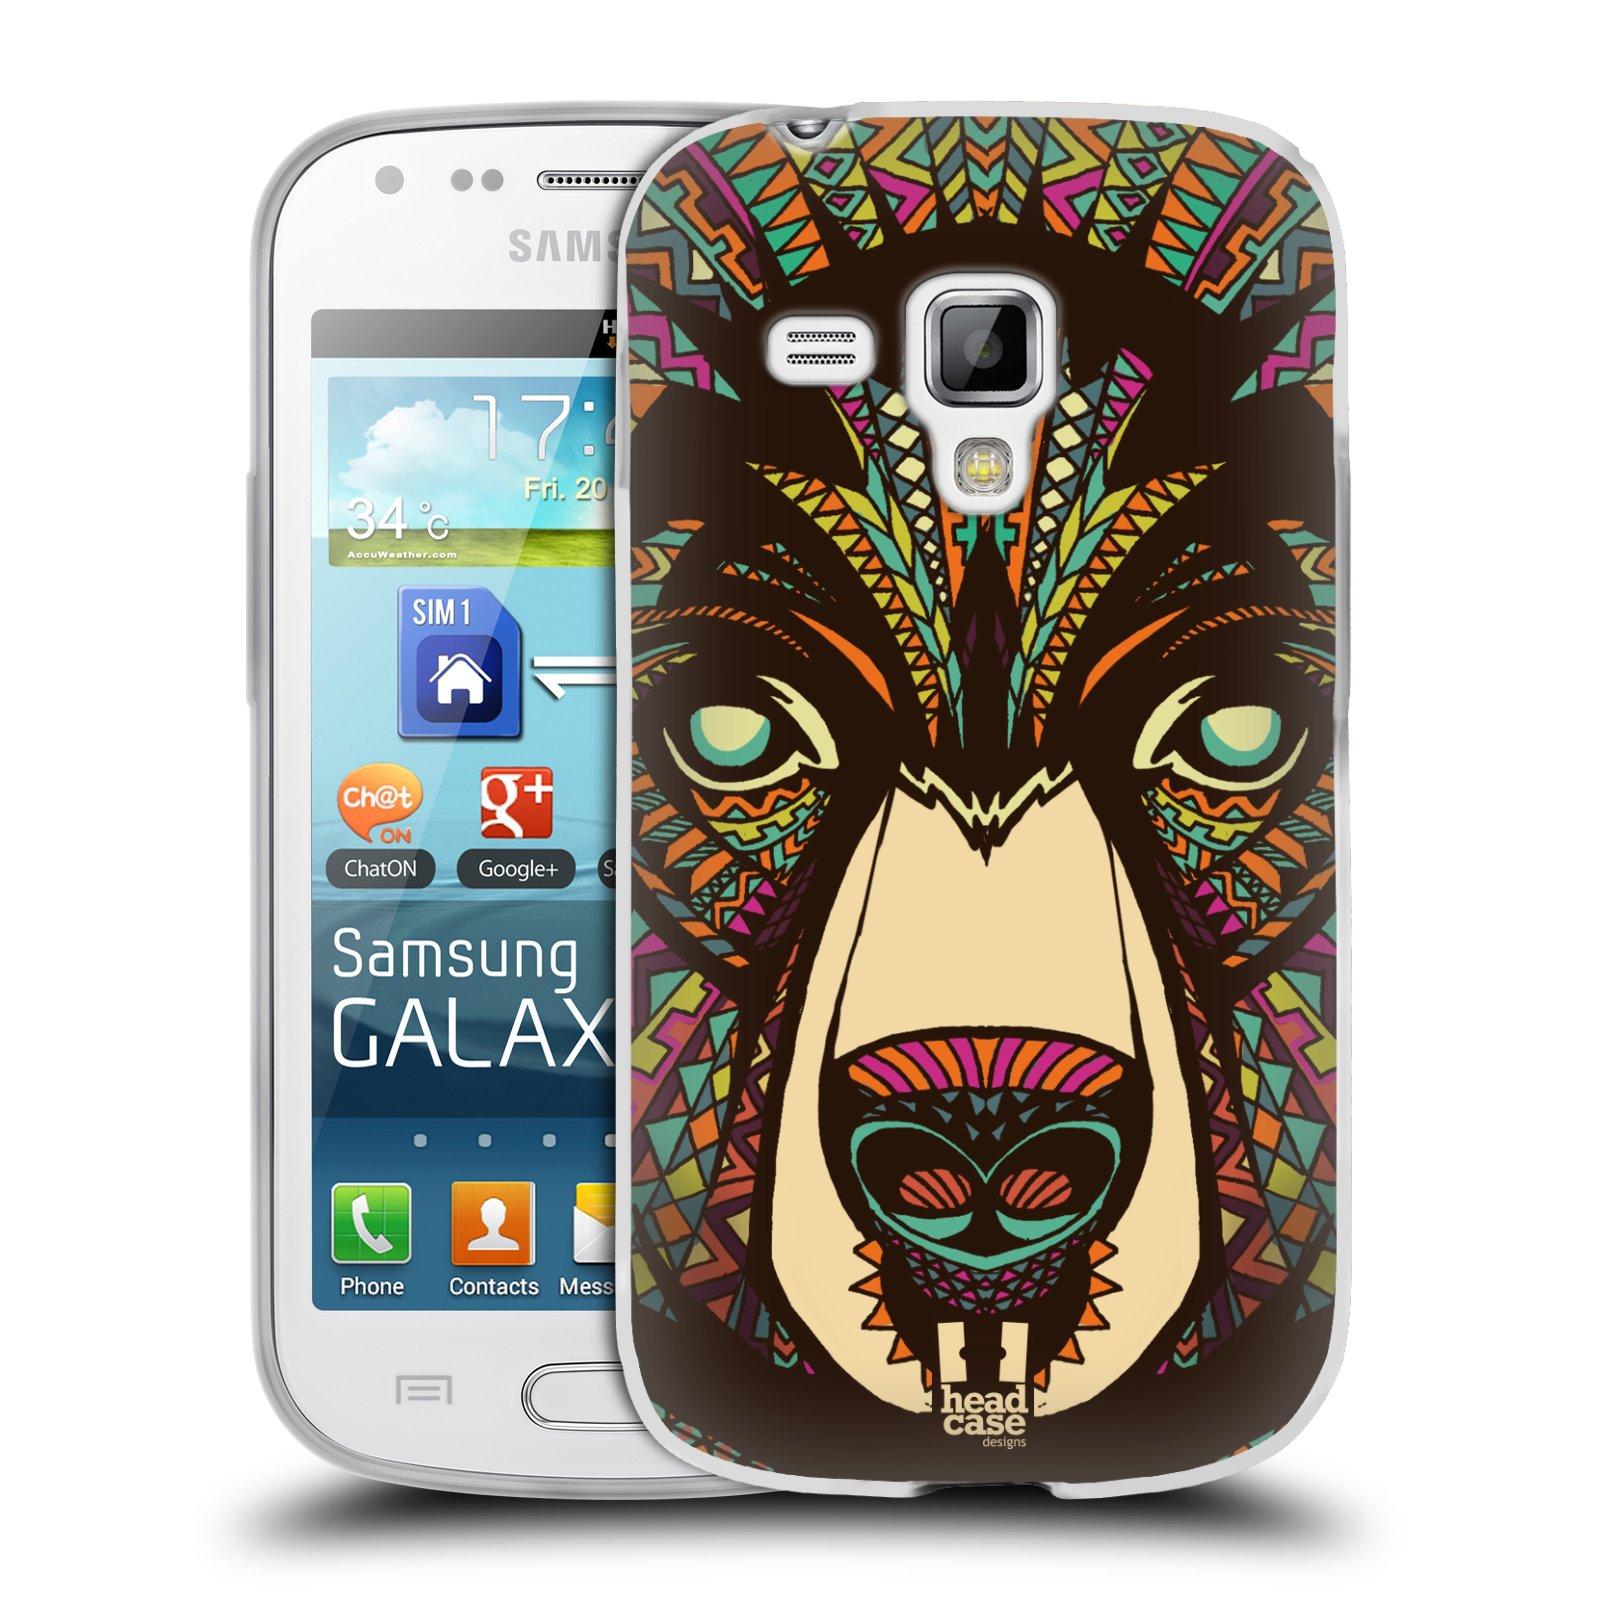 Silikonové pouzdro na mobil Samsung Galaxy S Duos 2 HEAD CASE AZTEC MEDVĚD (Silikonový kryt či obal na mobilní telefon Samsung Galaxy S Duos 2 GT-S7582)